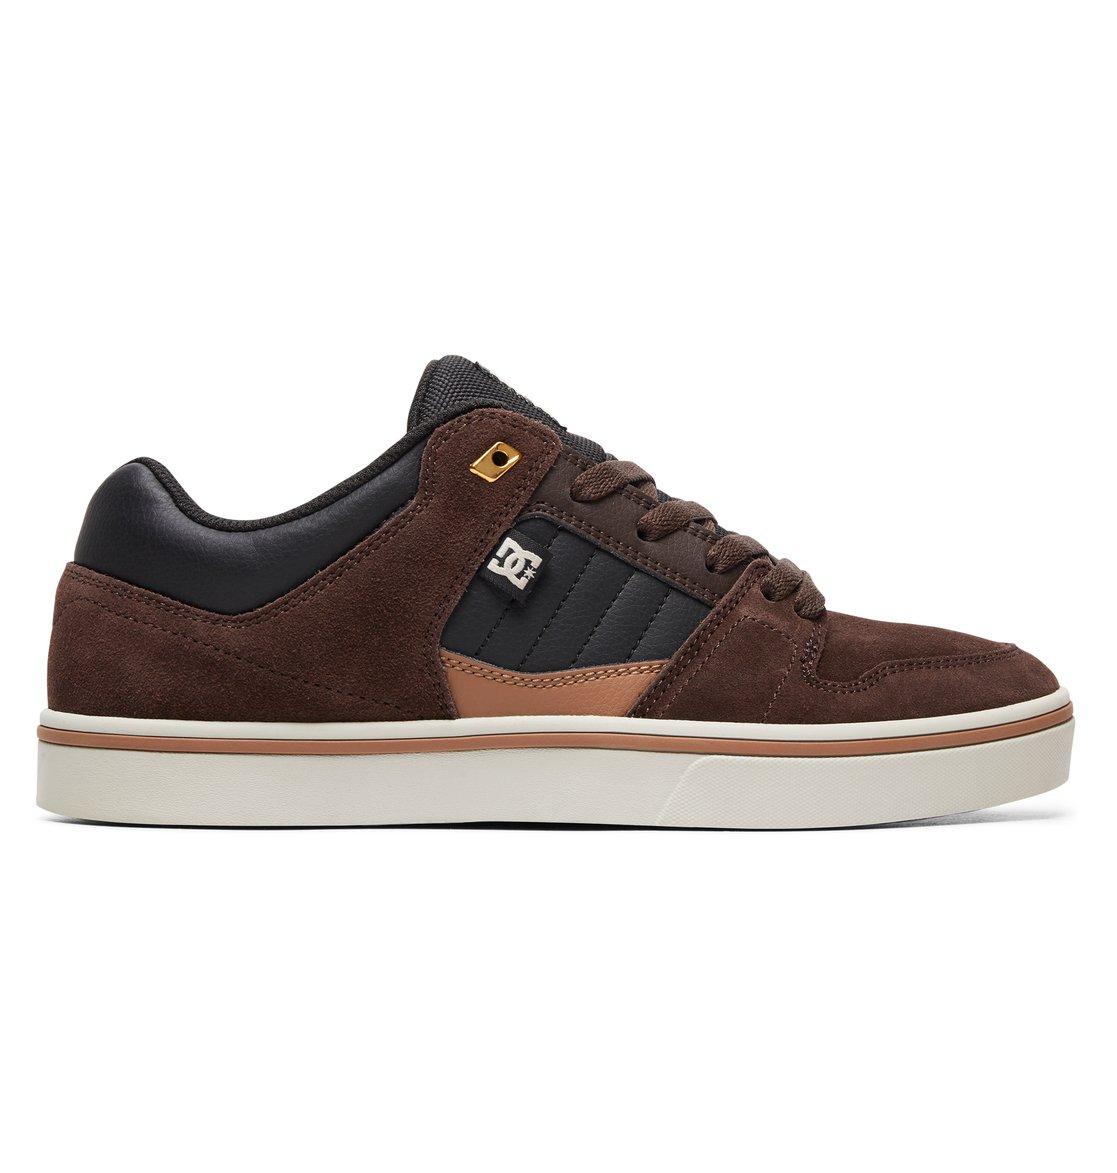 DC Shoes Course - Shoes - Chaussures - Homme - US 8 / UK 7 / EU 40.5 - Marron eunVBS